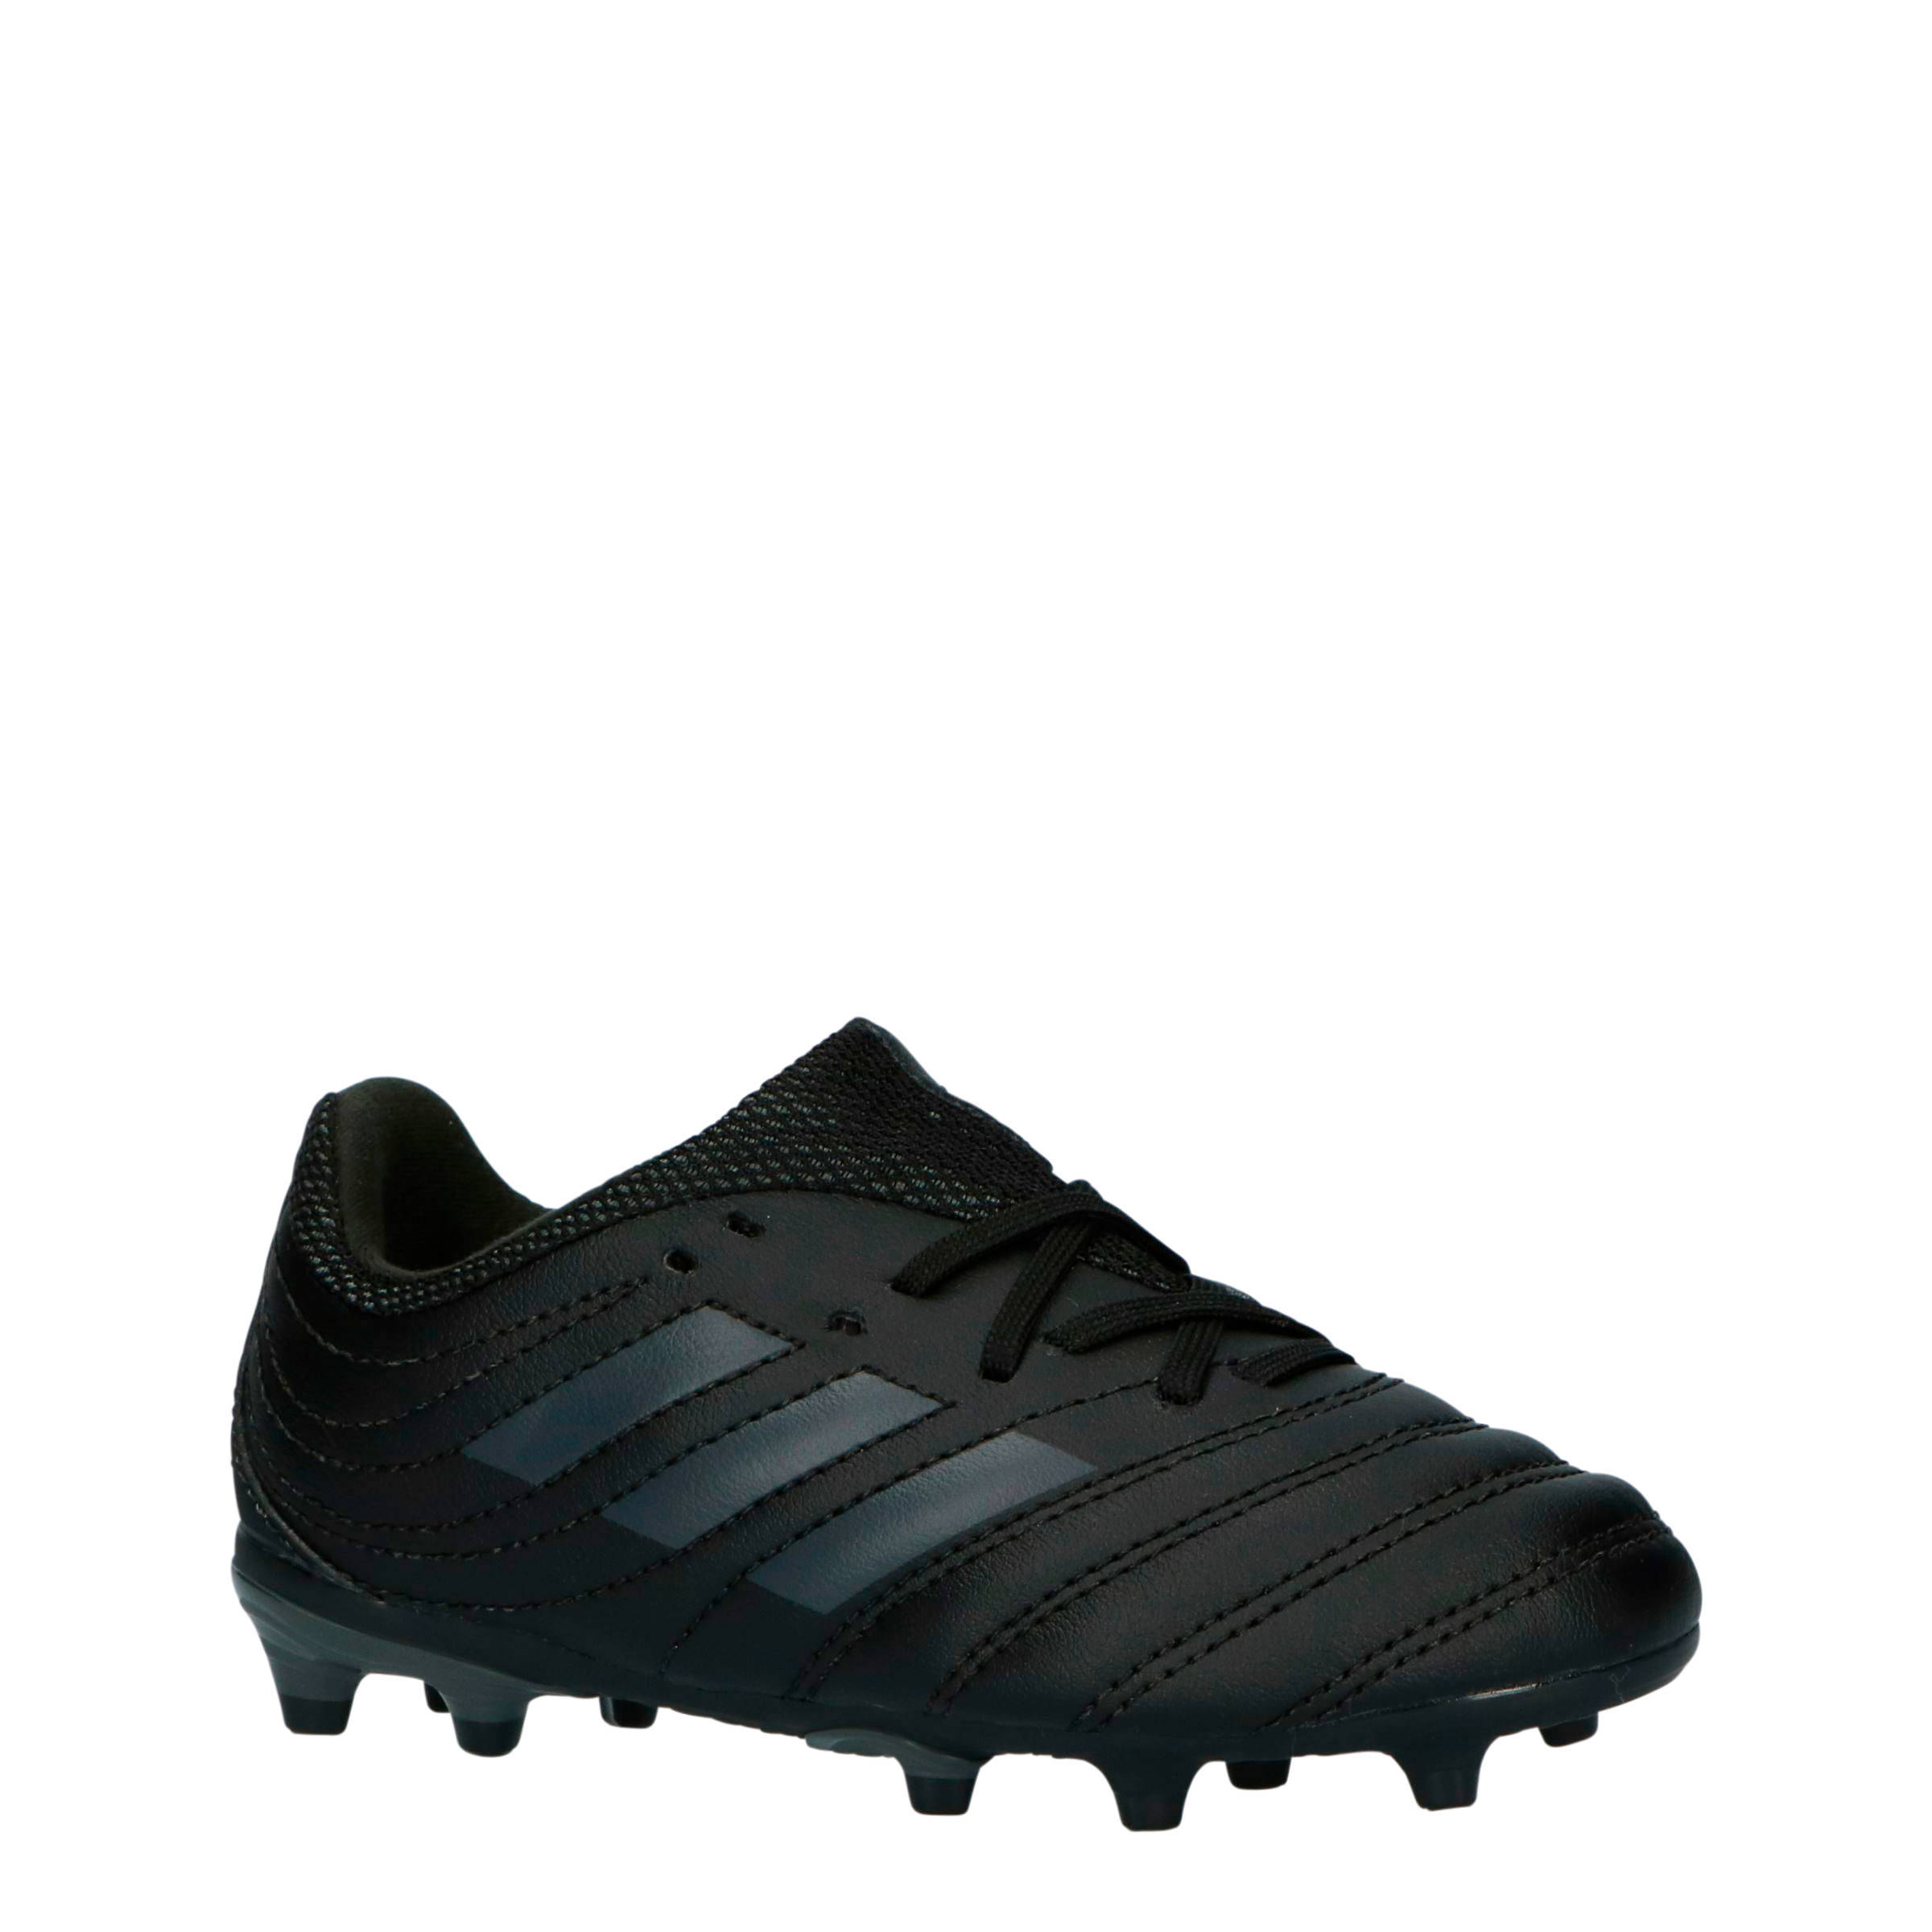 quality design 0dbd0 131f2 Voetbalschoenen bij wehkamp - Gratis bezorging vanaf 20.-